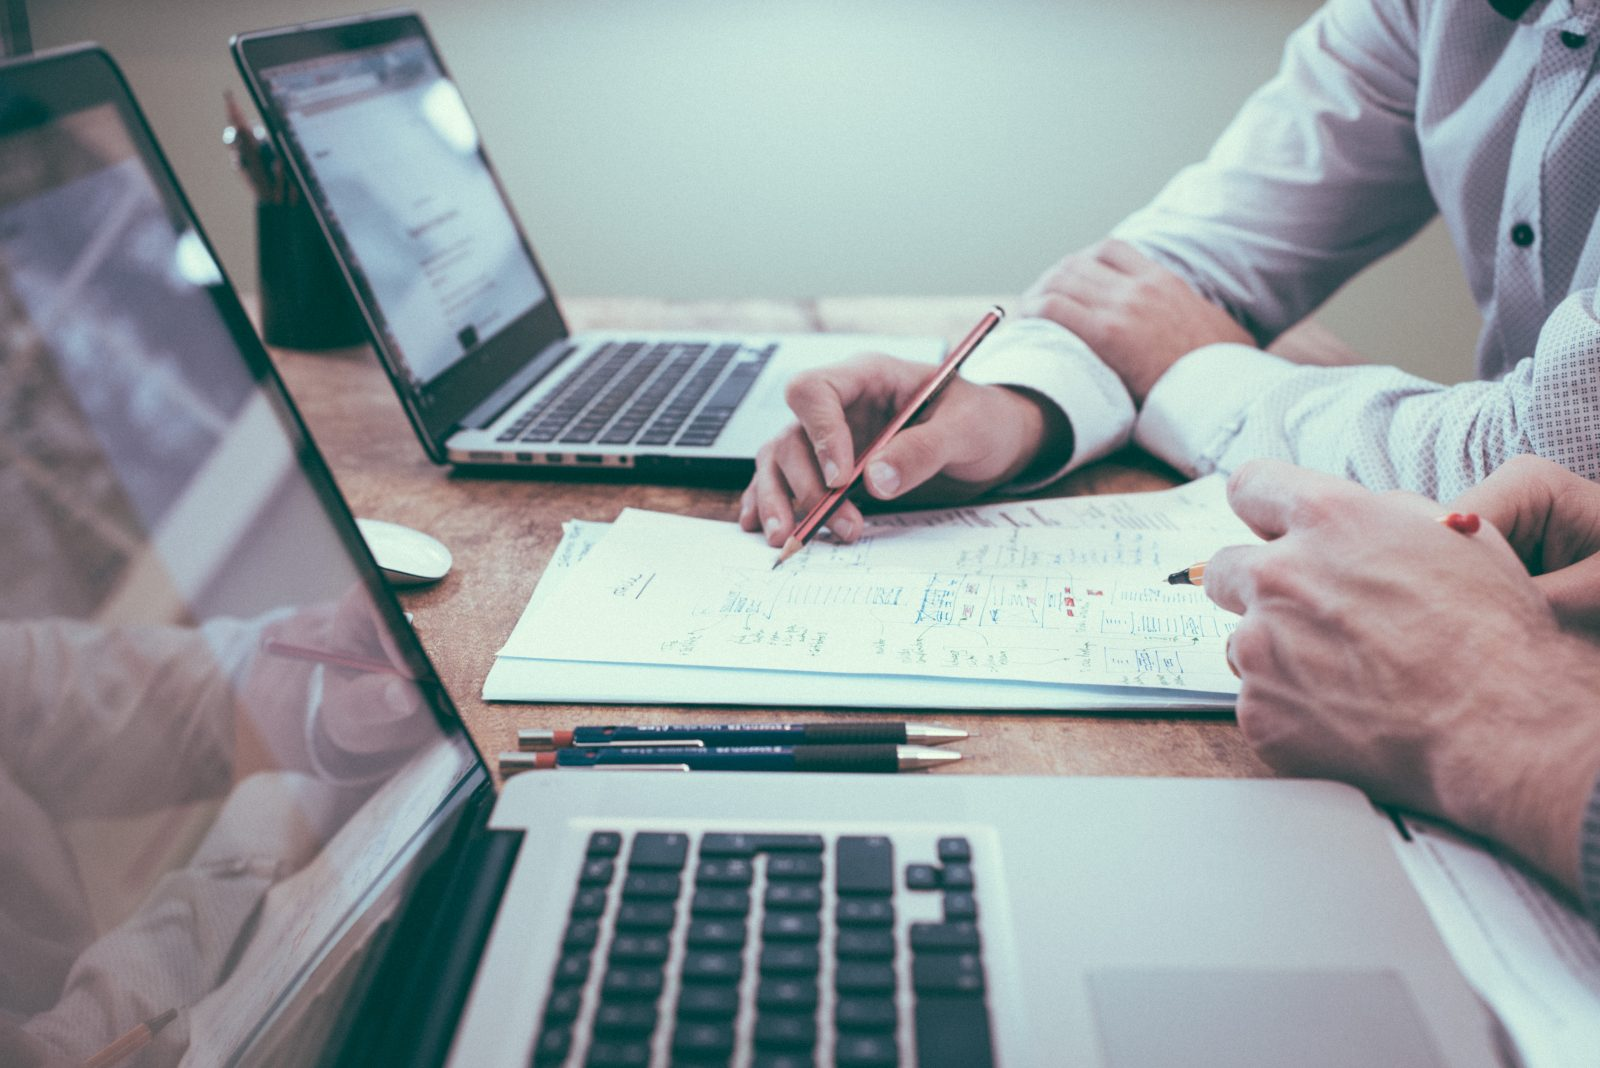 Tietokoneita, joiden välissä pöydällä papereita ja käsi kirjoittaa jotain.